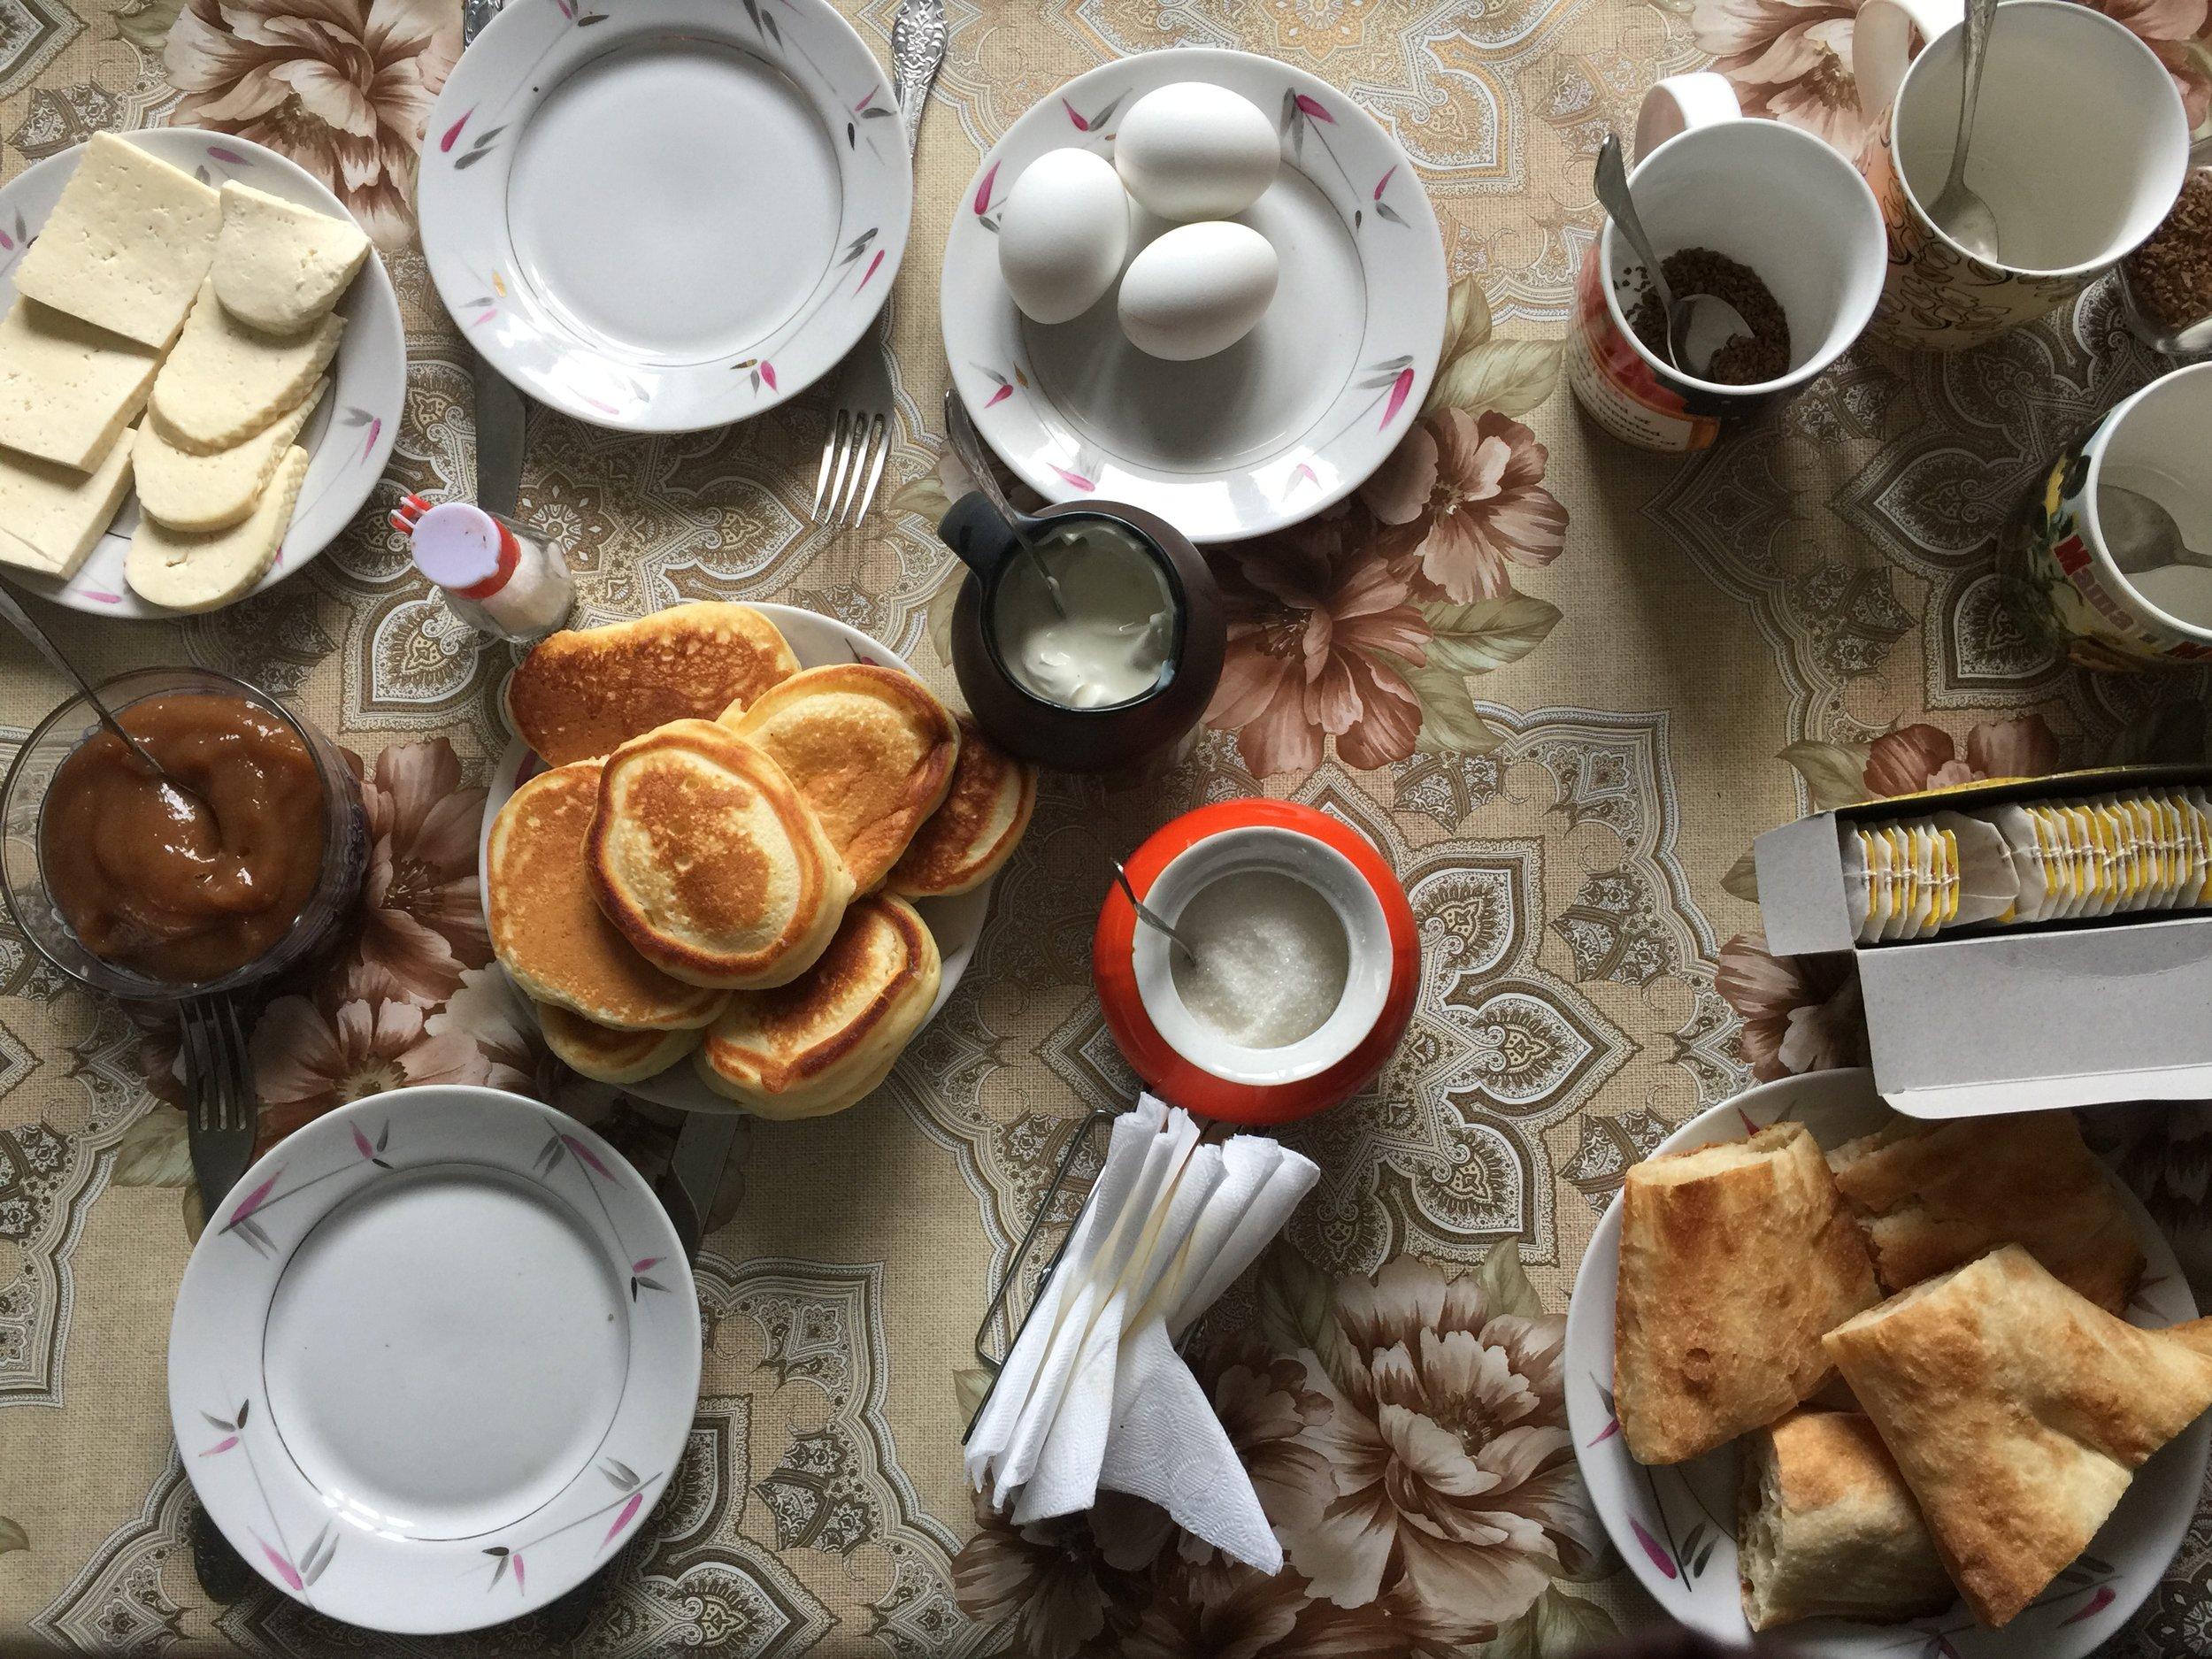 Fluffy pancakes for breakfast!